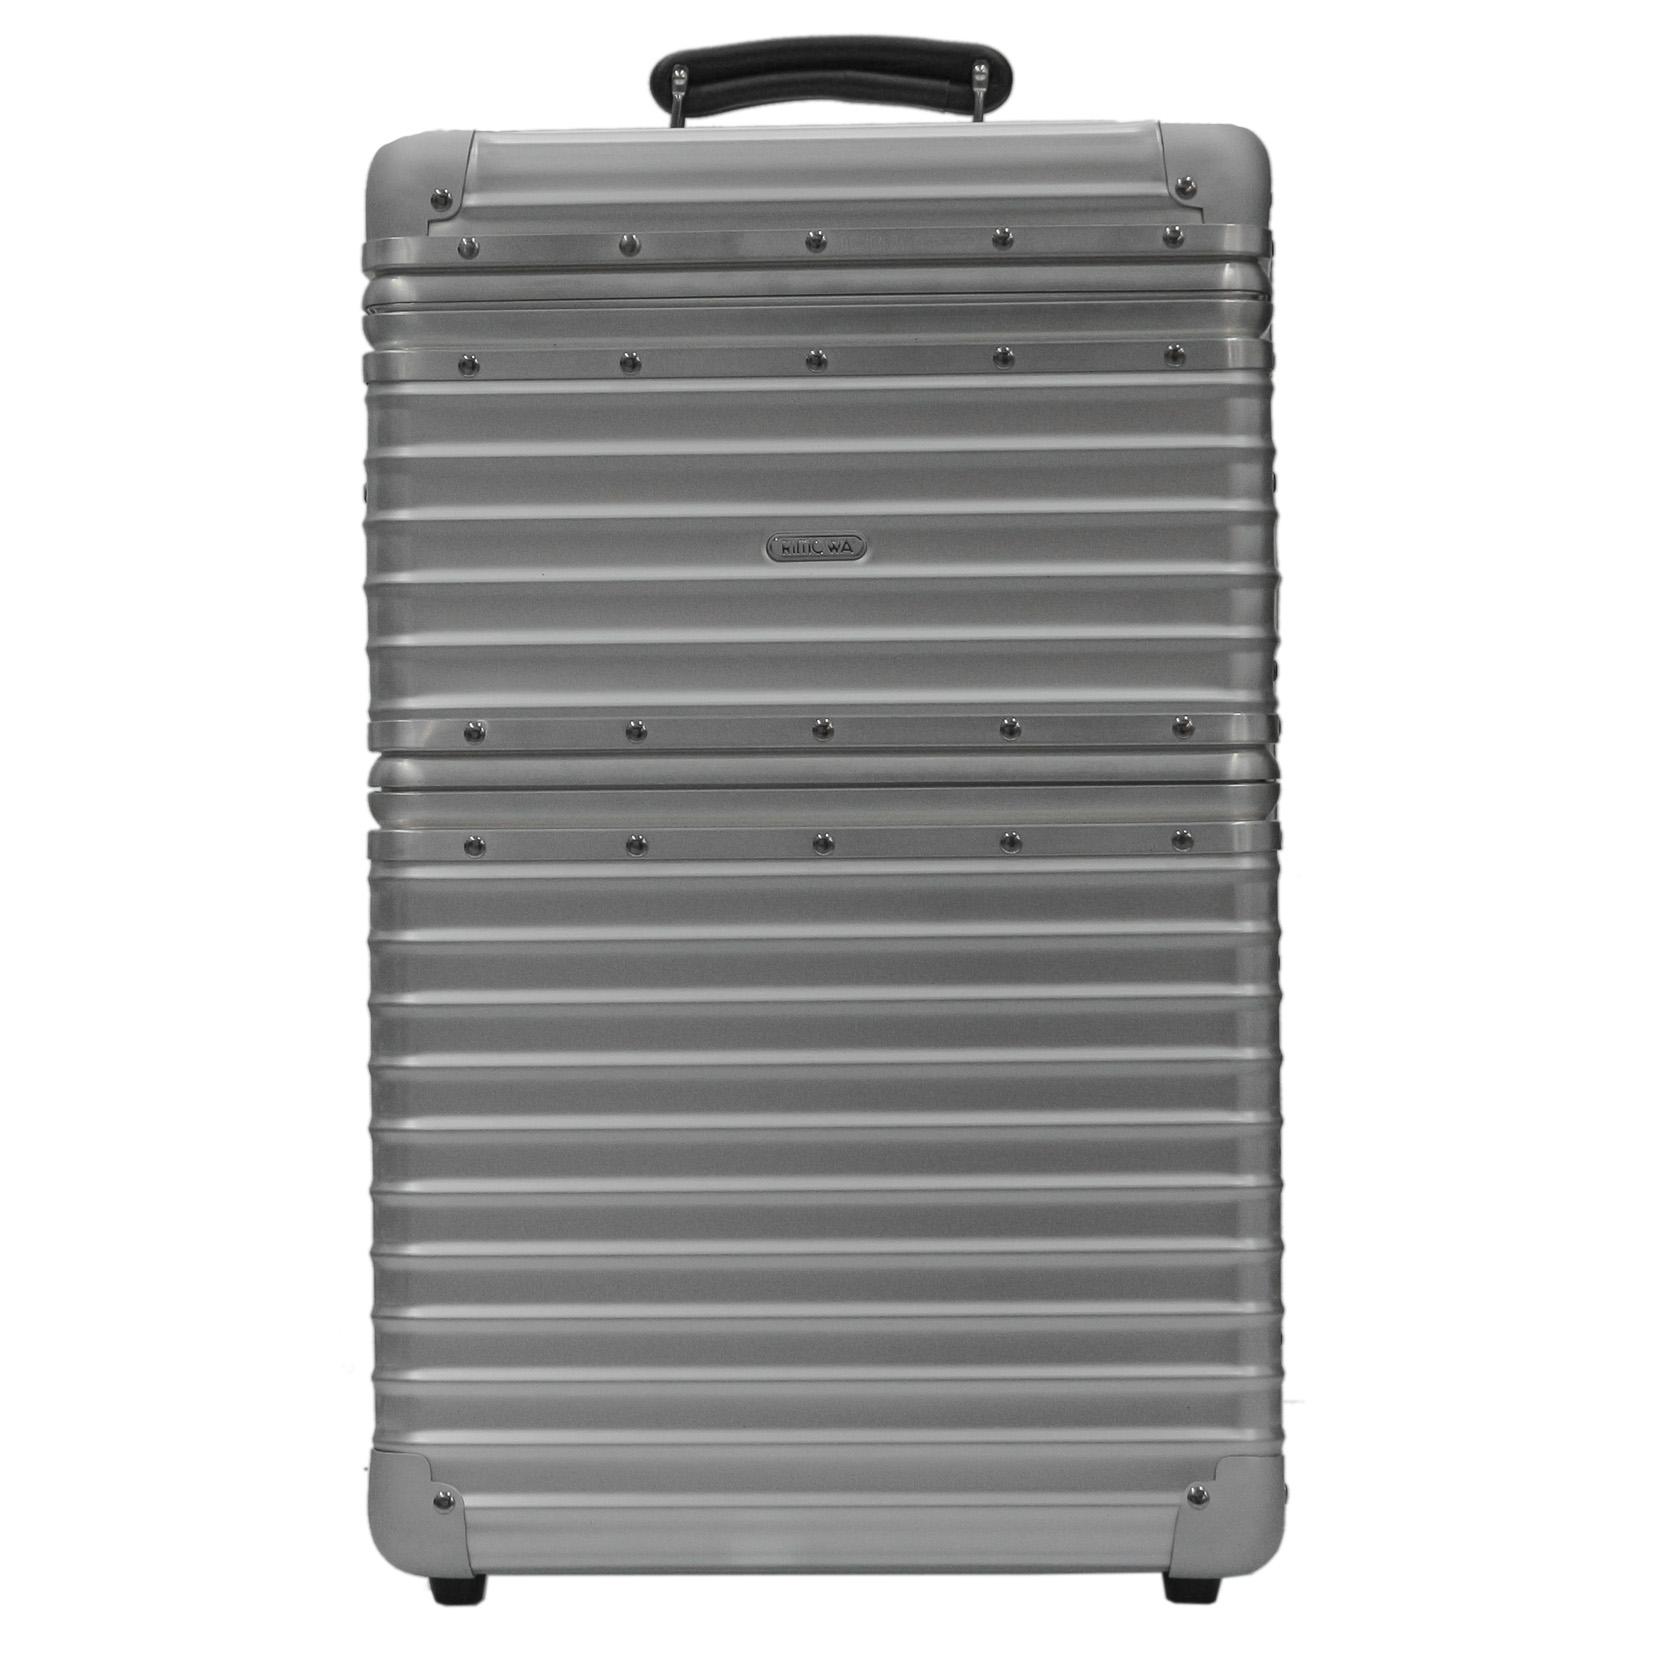 【お取り寄せ】【送料無料】リモワ RIMOWA スーツケース クラシックフライト 970.90.03.6 100L シルバー 8泊~10泊 TSAロック 機内持ち込み不可